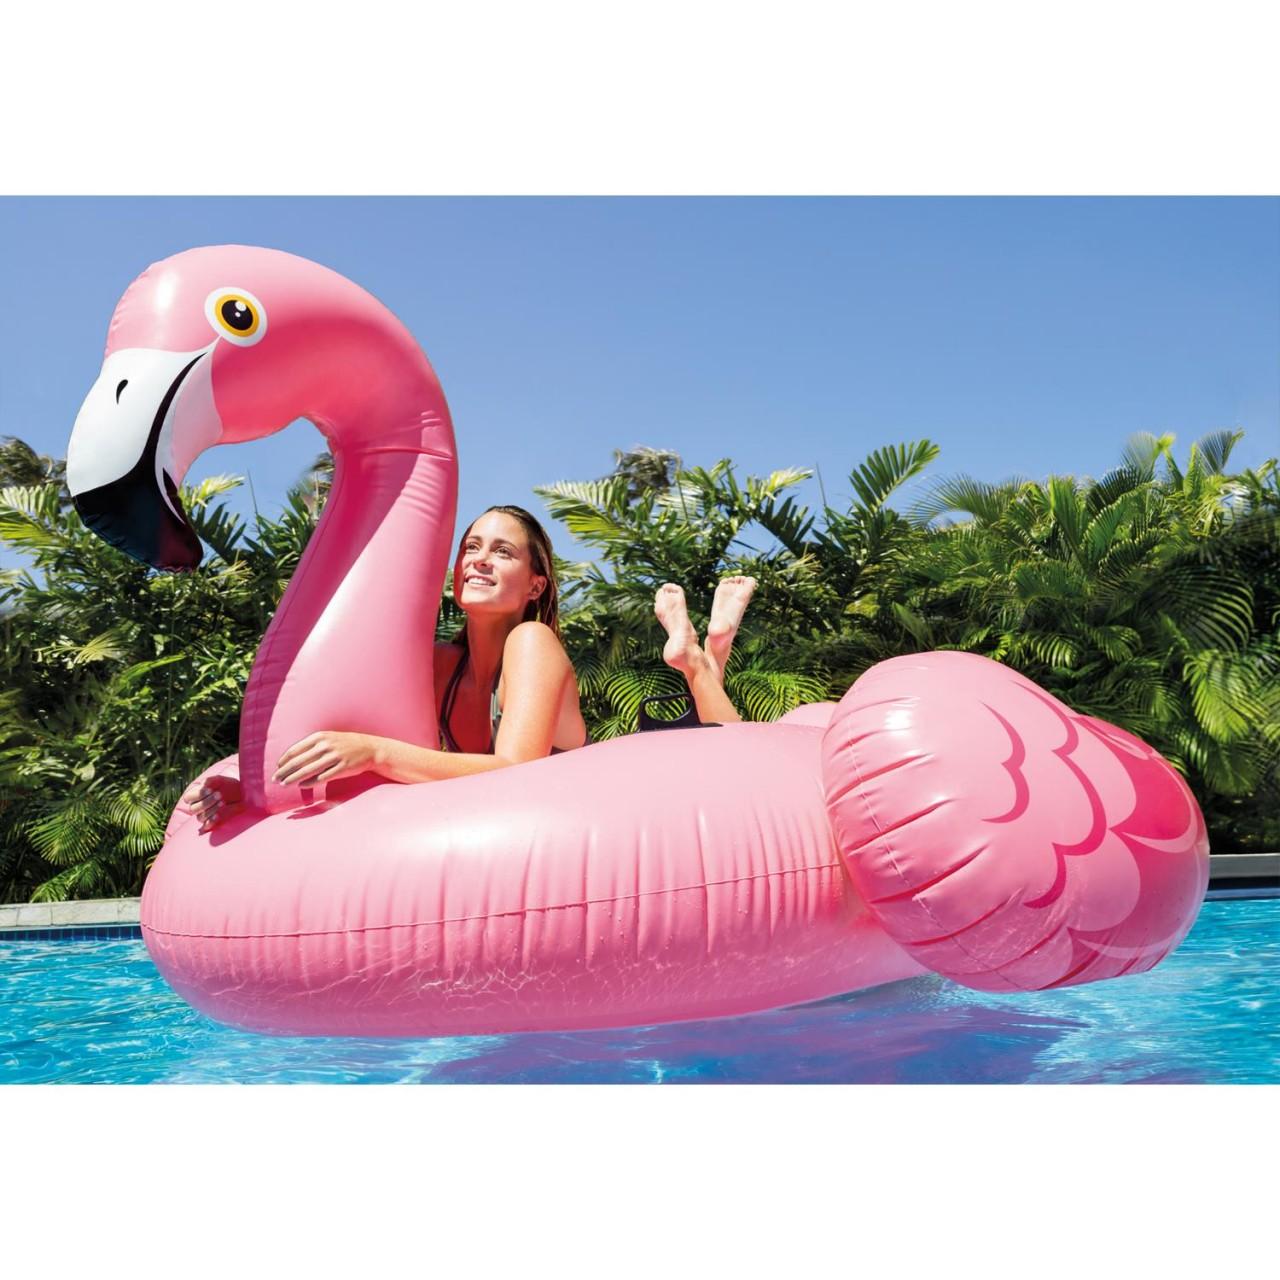 Intex Flamingo Badeinsel Luftmatratze Wasserliege 218x211x136cm aufblasbar 56288